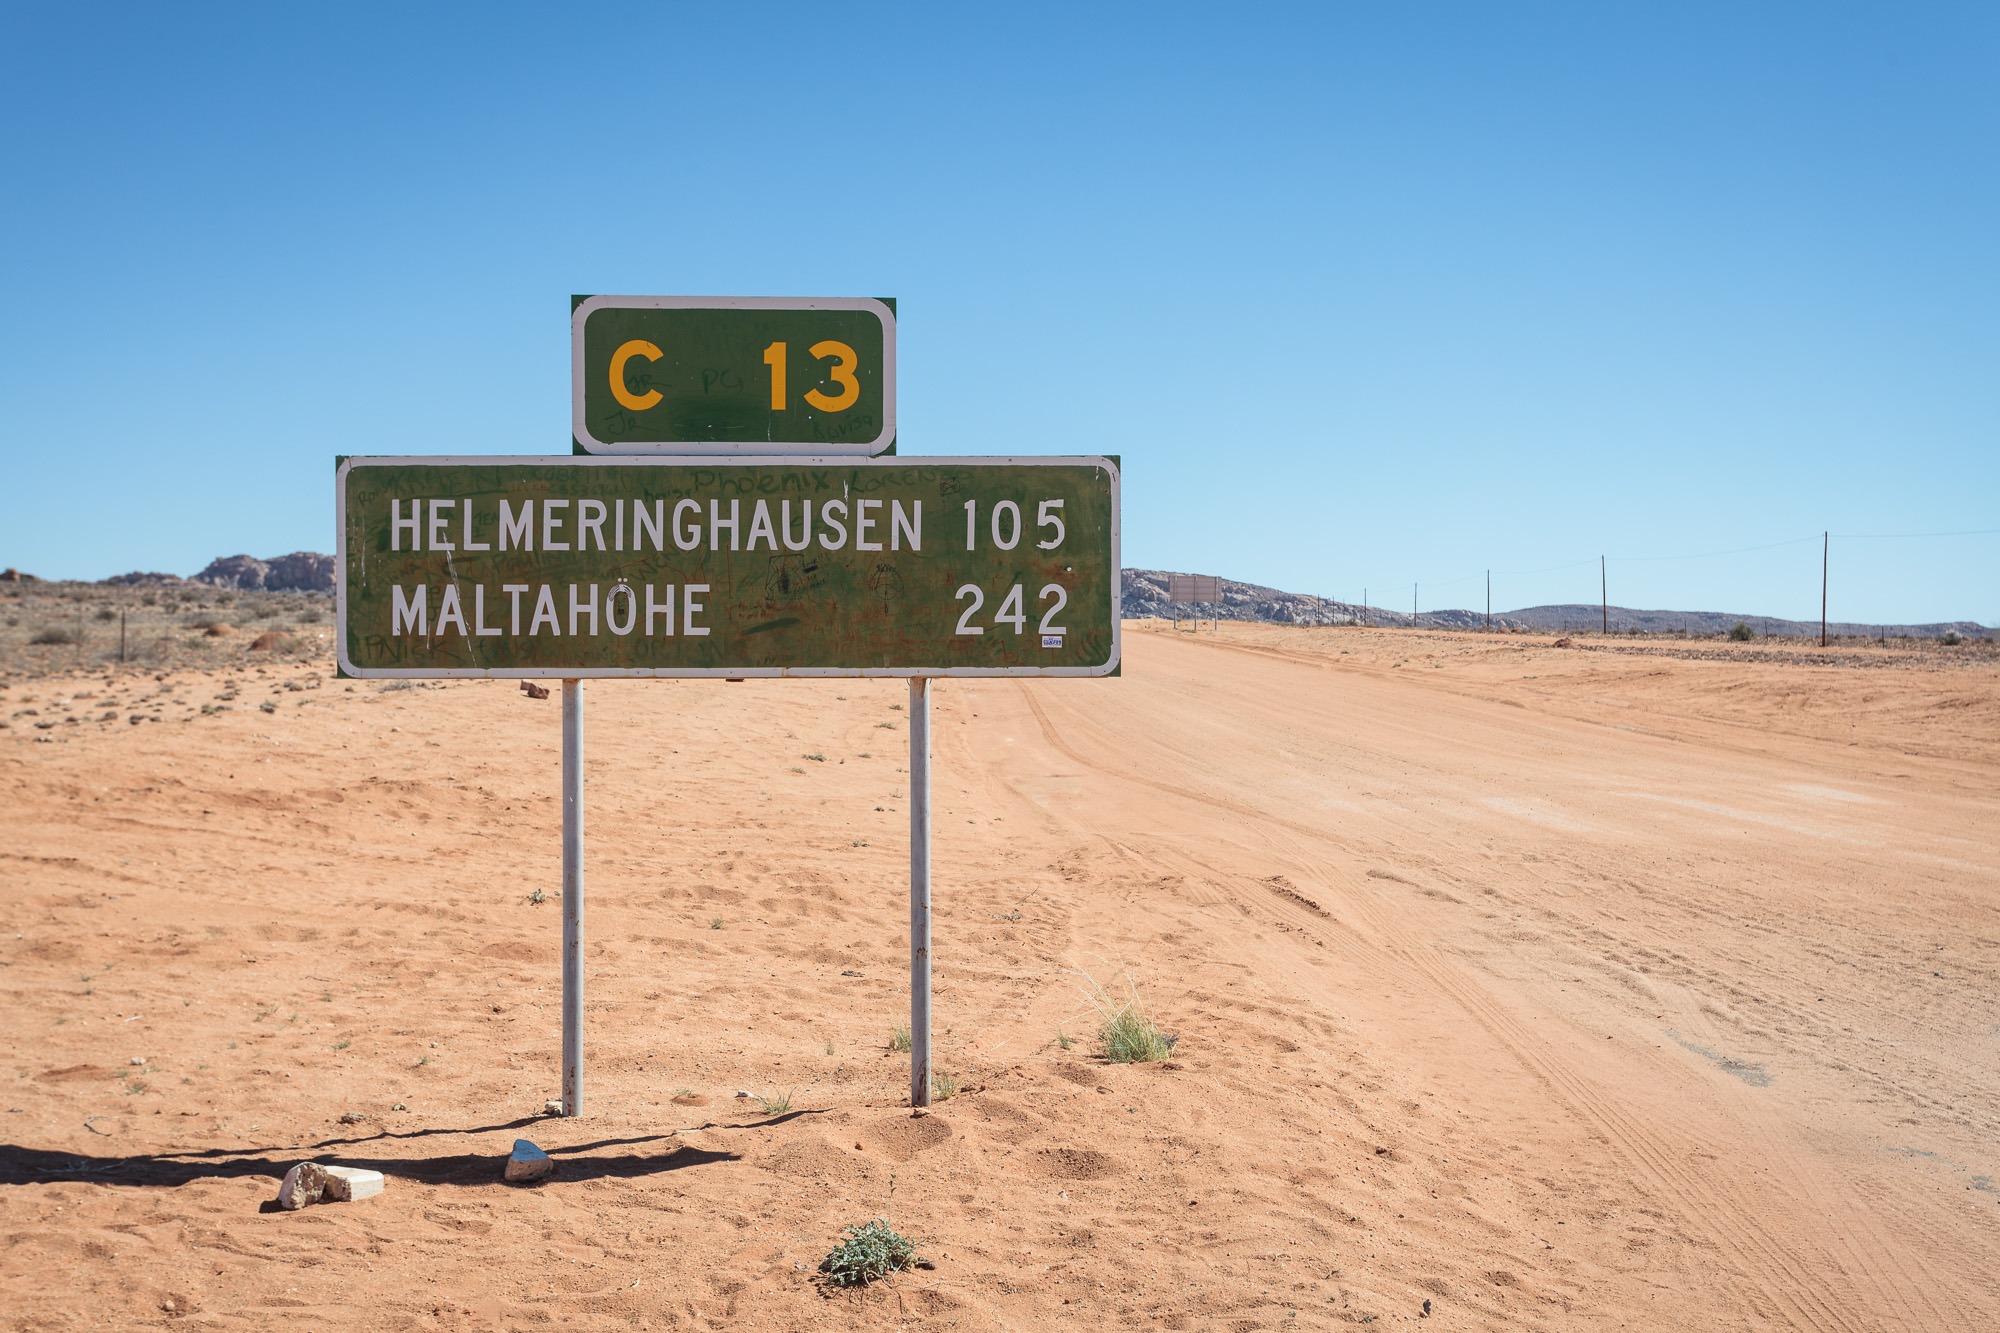 Namibia C13 Helmeringhausen und Maltahöhe